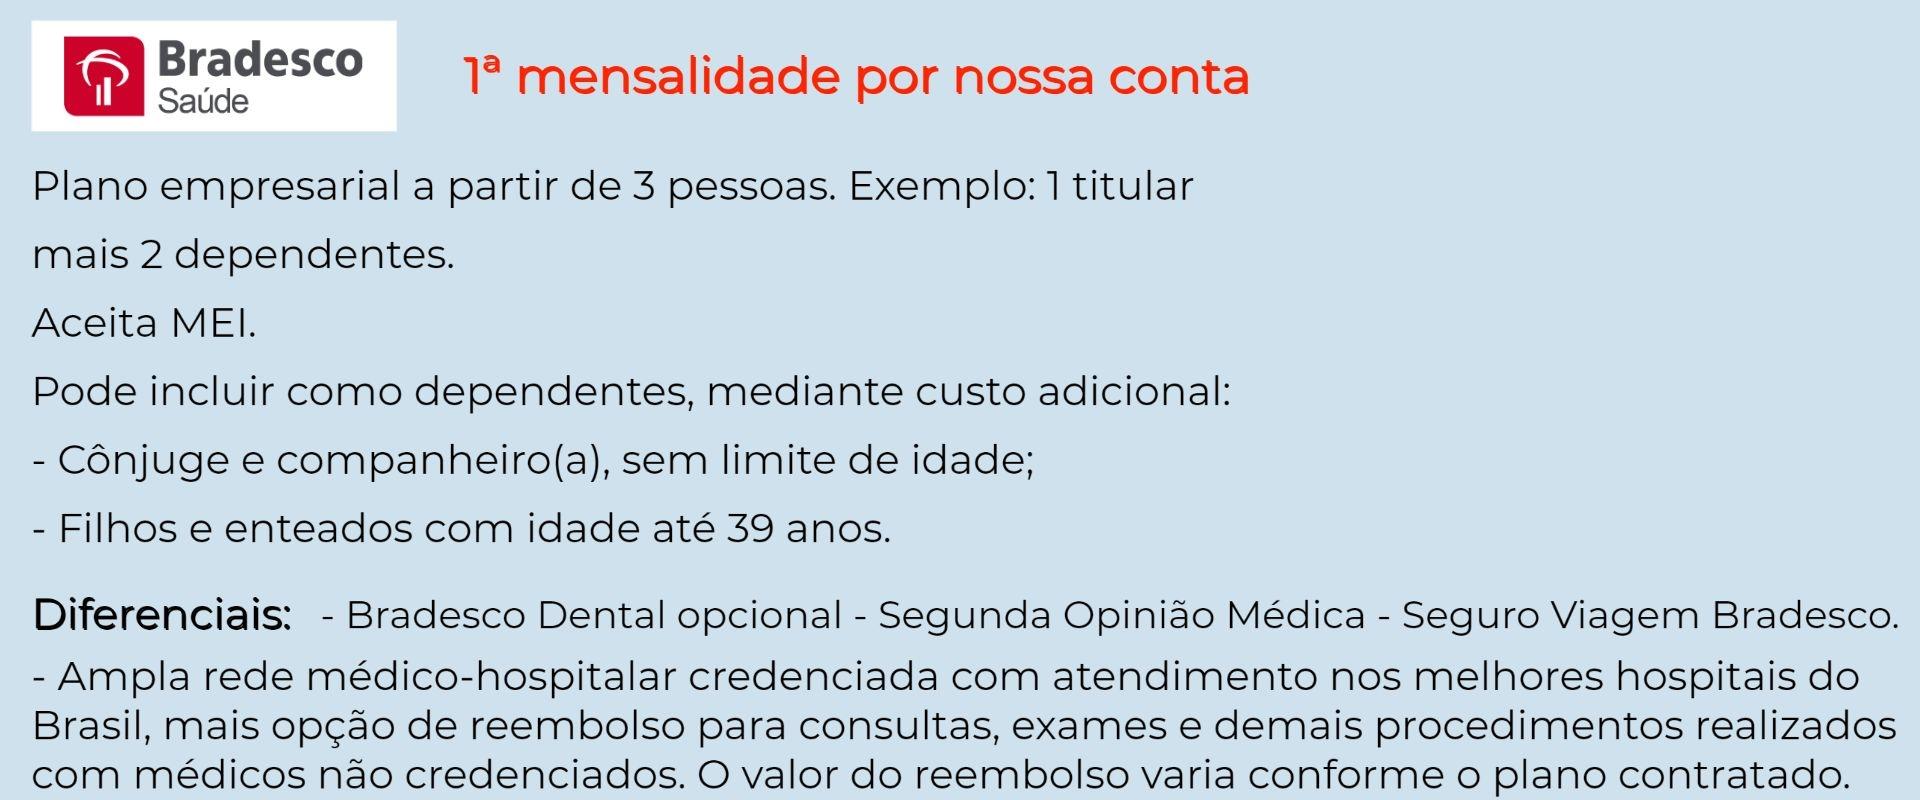 Bradesco Saúde Empresarial - Cubatão